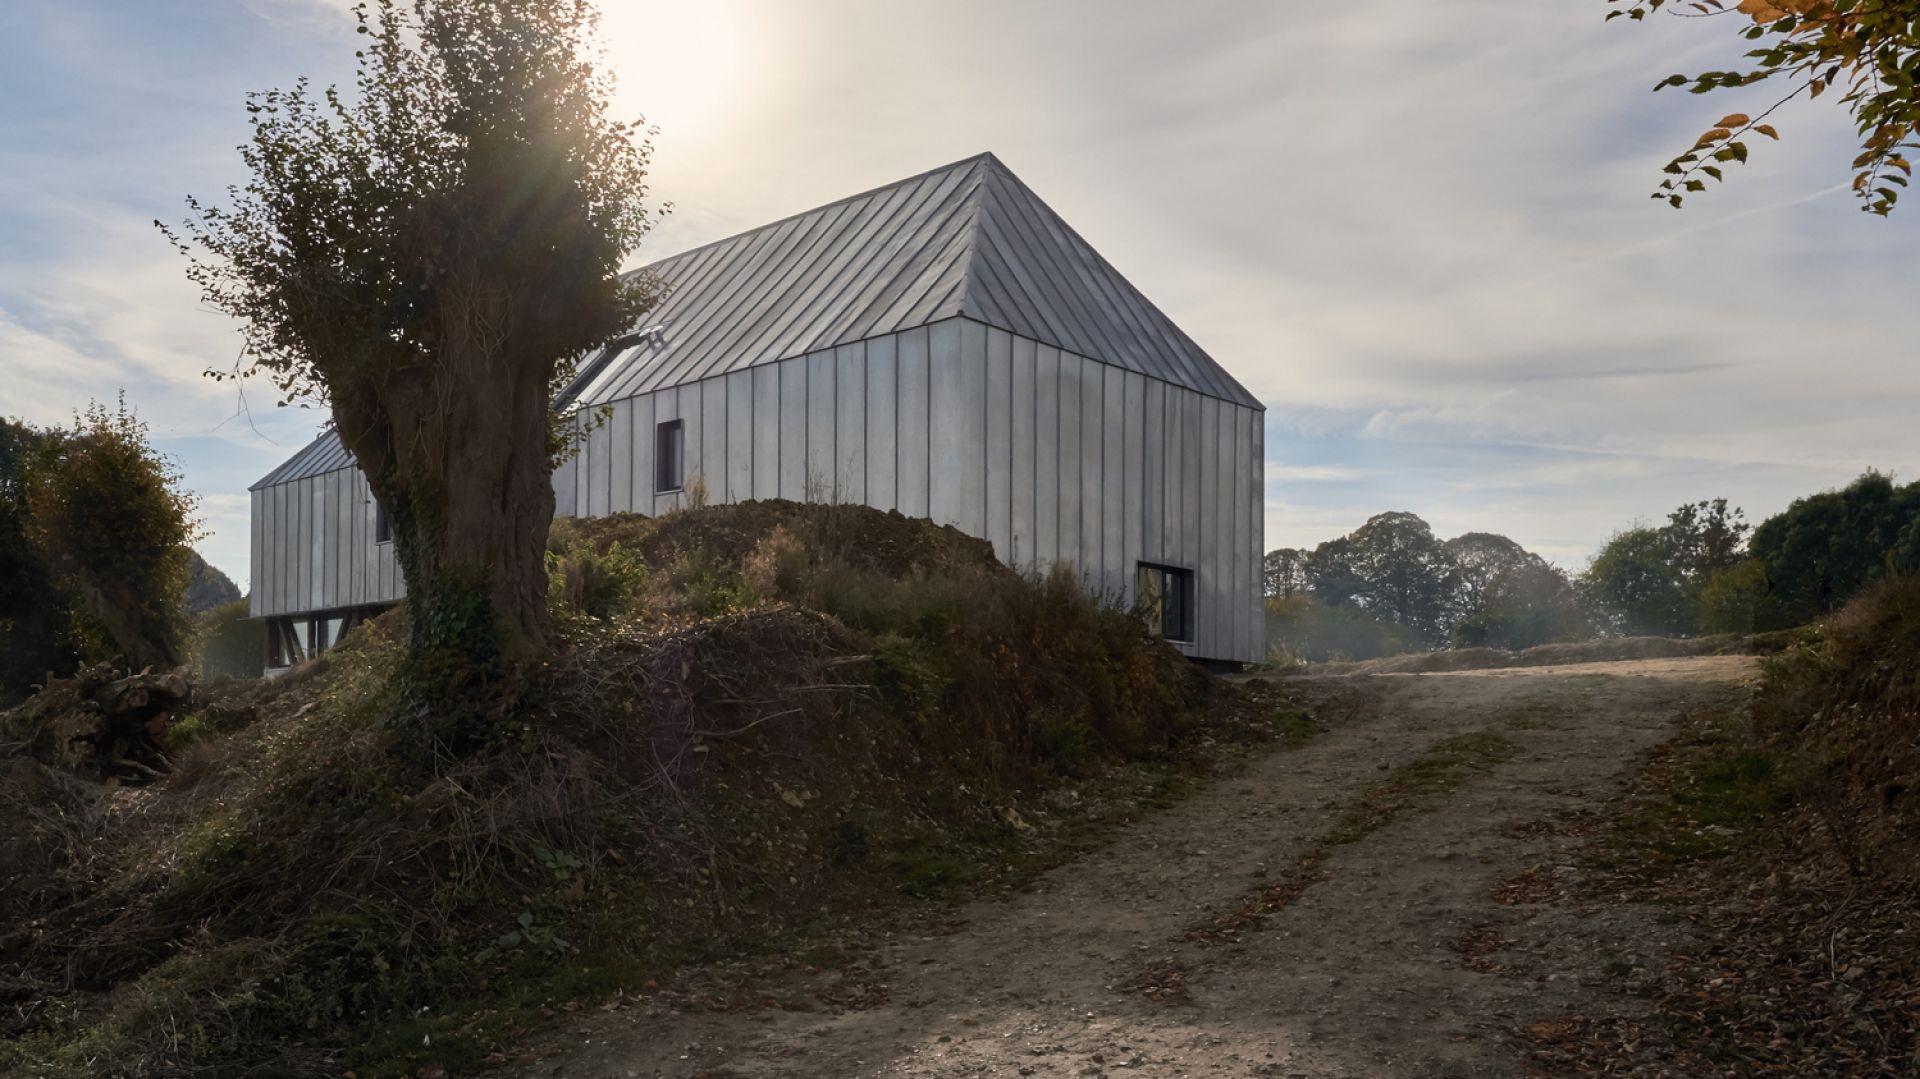 Ta oryginalna rezydencja wyróżnia się prostym wyglądem i bardzo rustykalnym, wiejskim stylem. Jednak zanim stała się w pełni funkcjonalnym i pięknym domem musiała przejść gruntowną renowację. Fot. The Barn, Antonin Ziegler